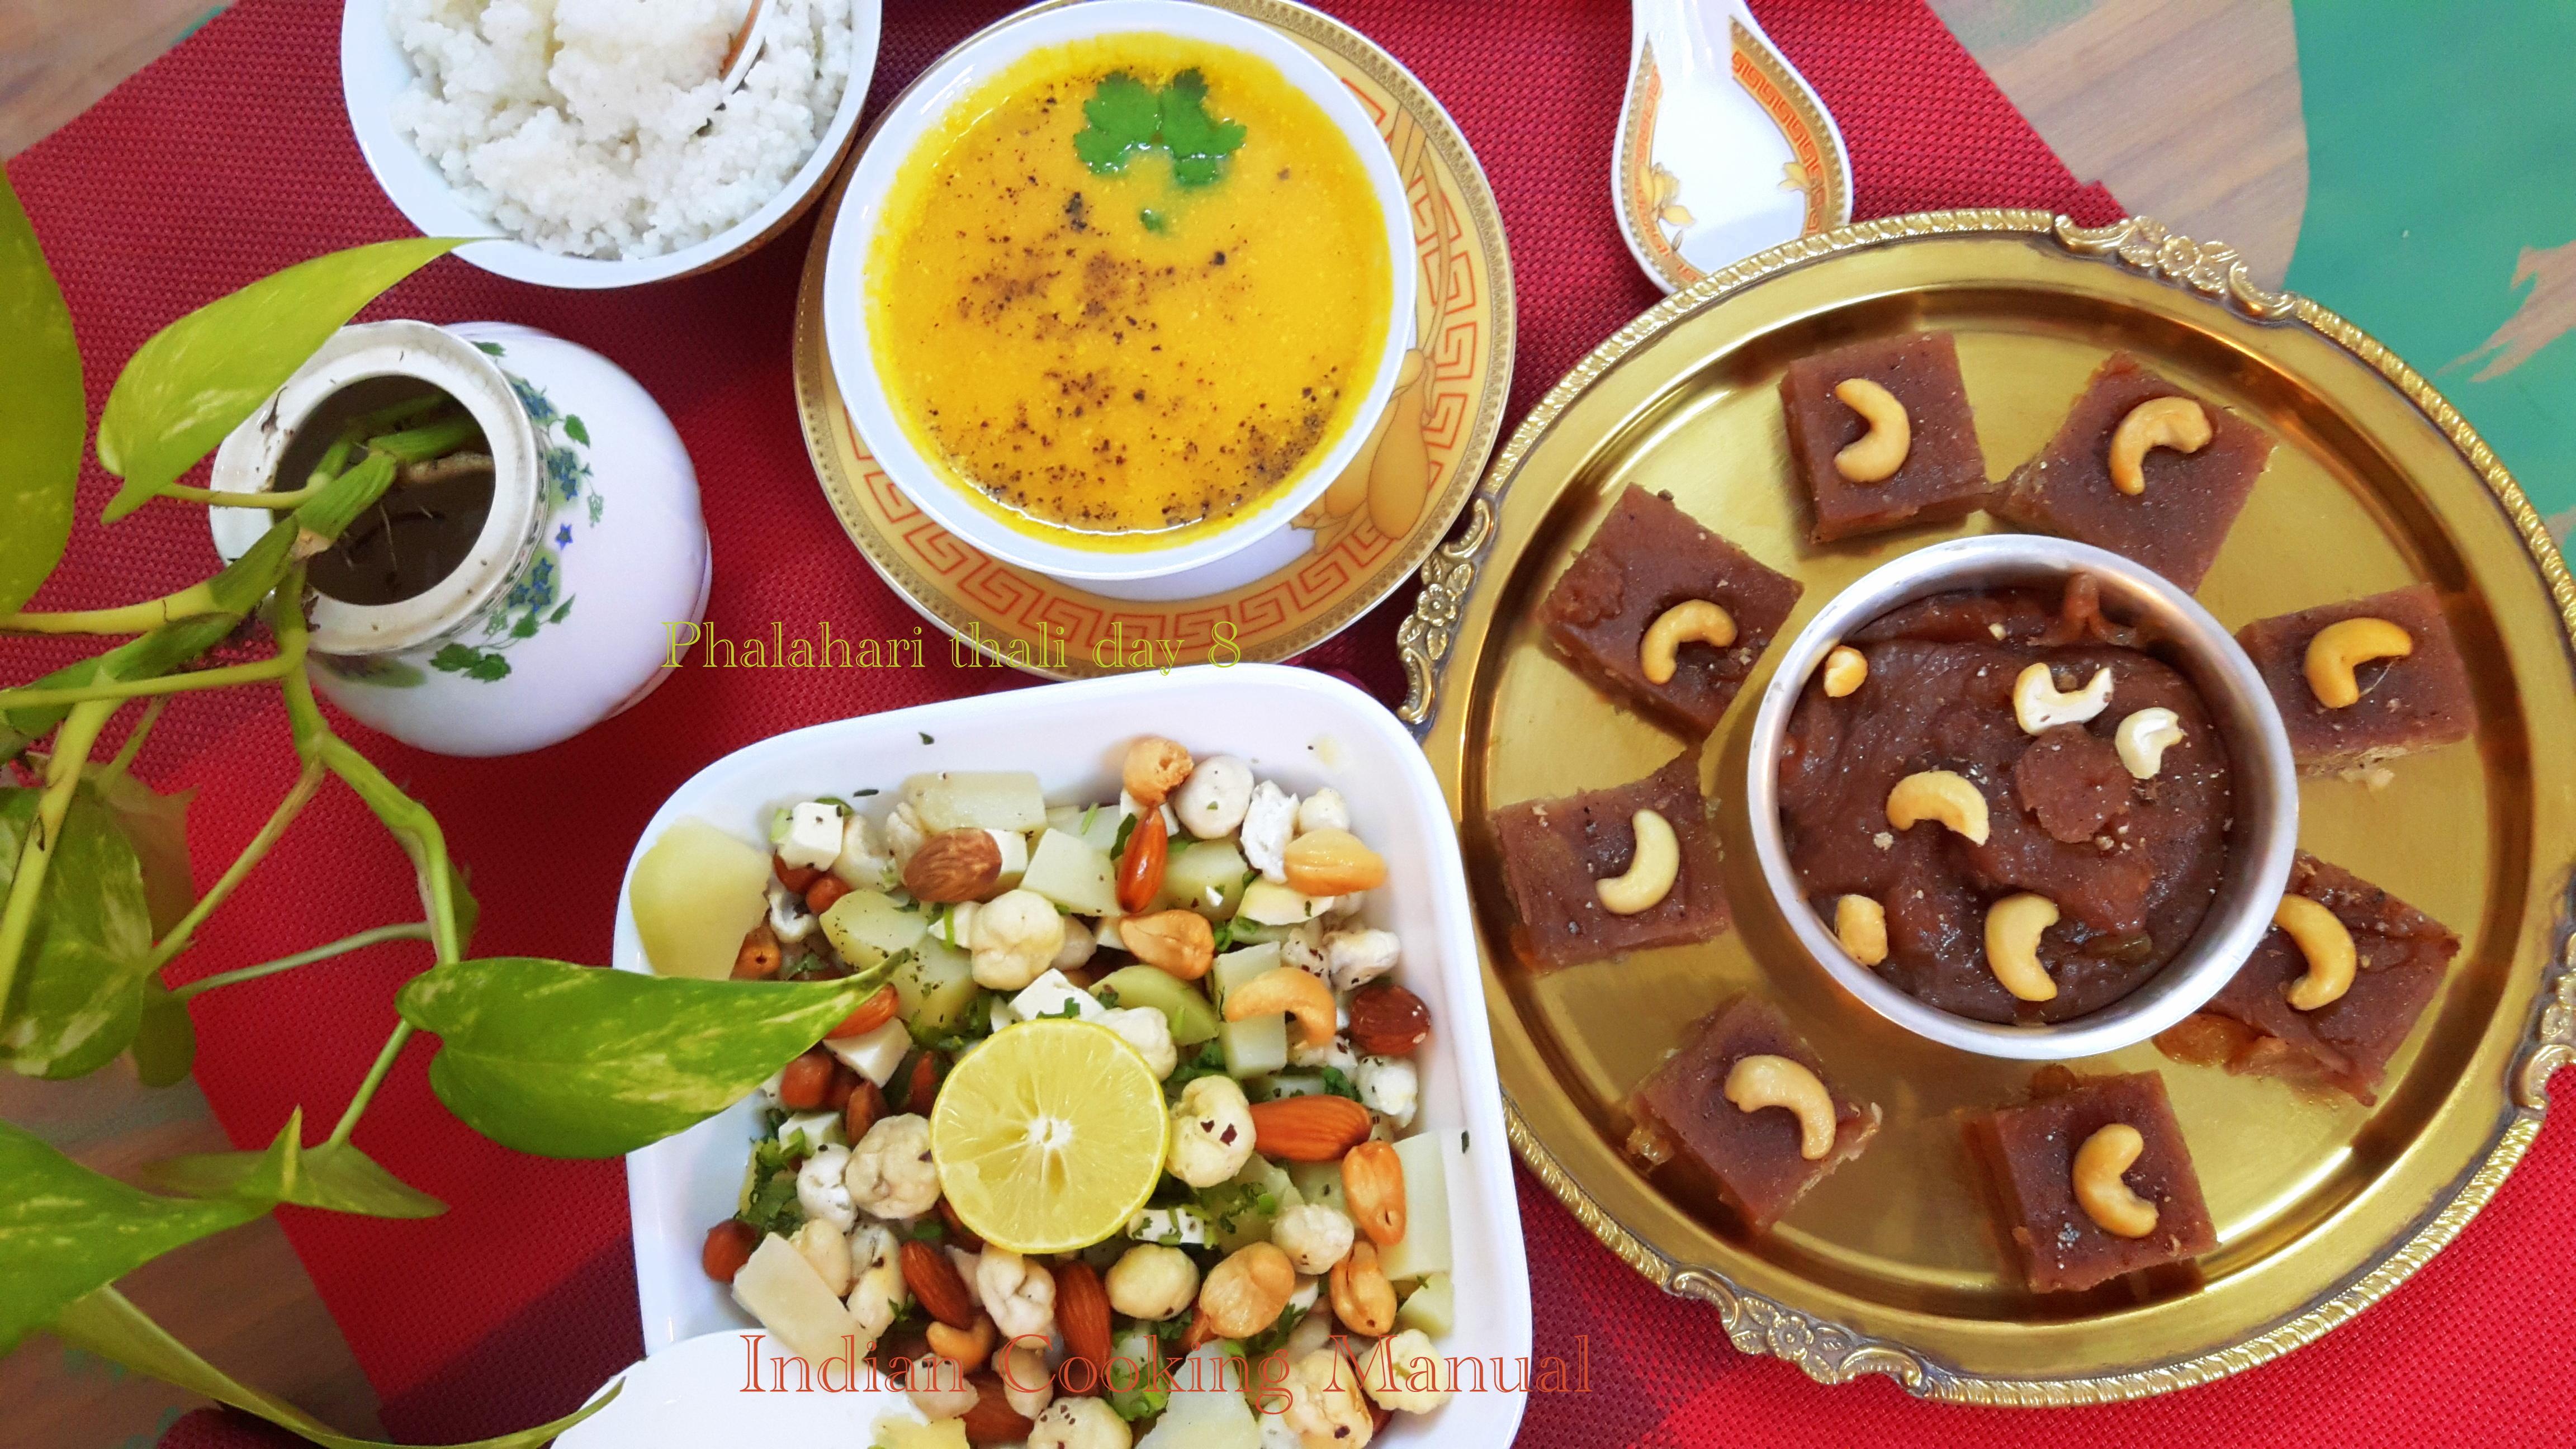 Phalahari Thali day 8